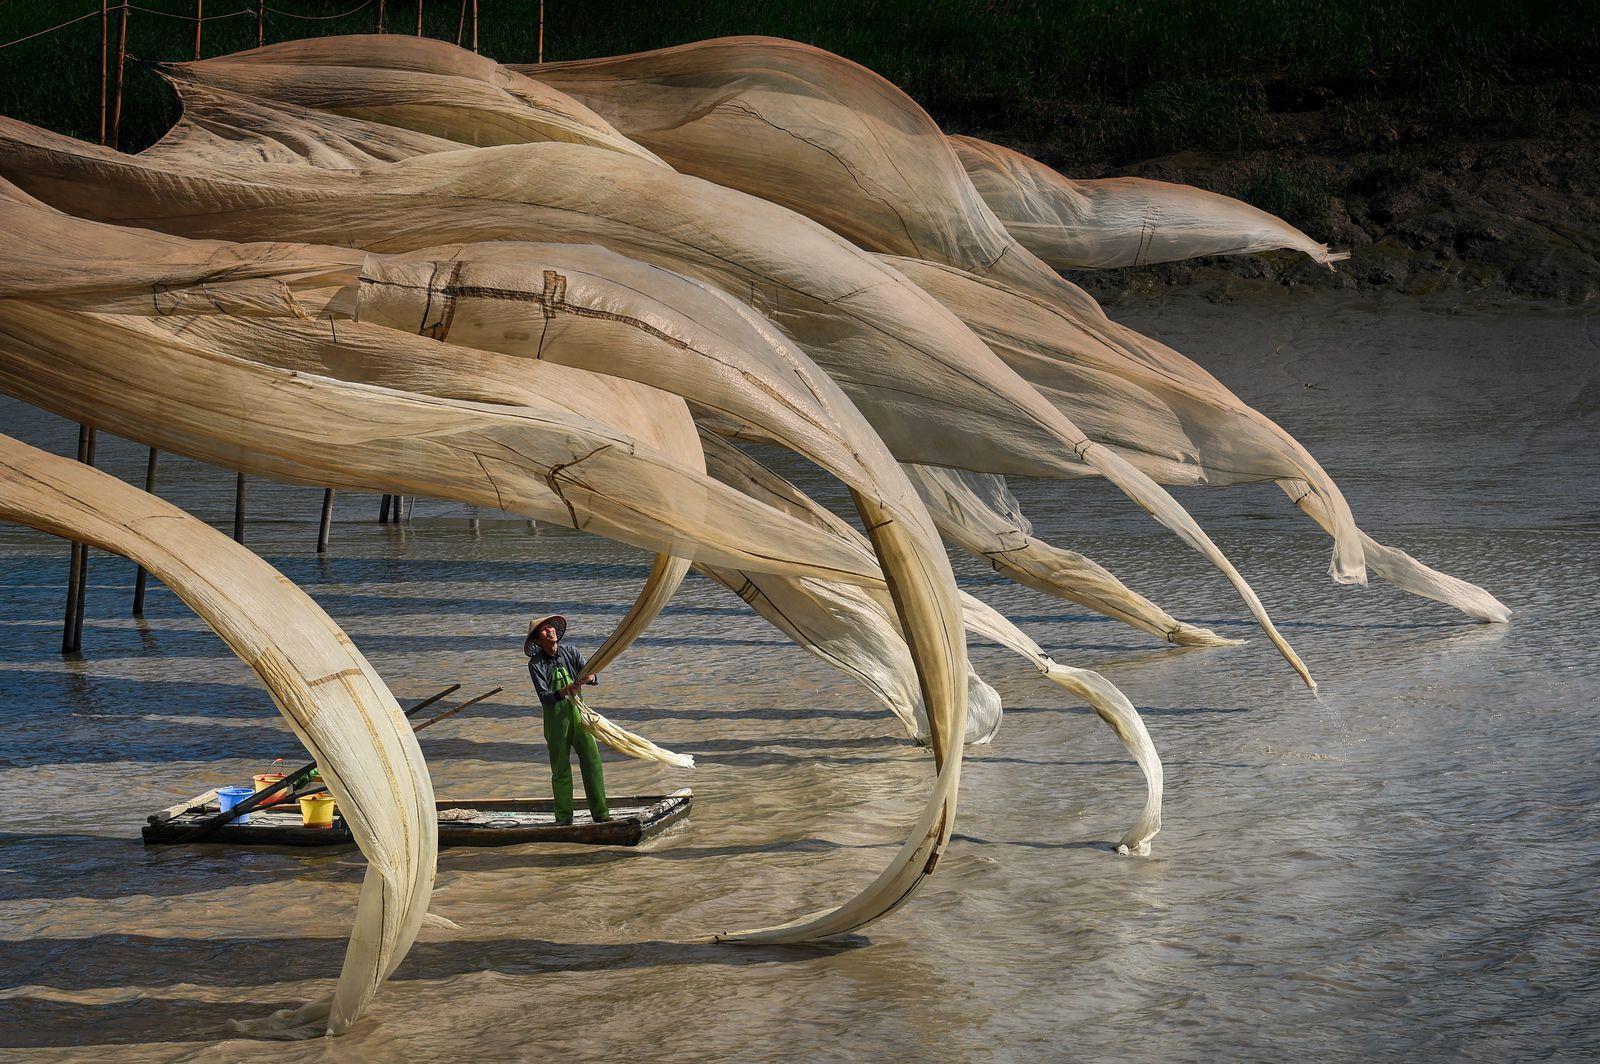 Pescador rodeado de redes